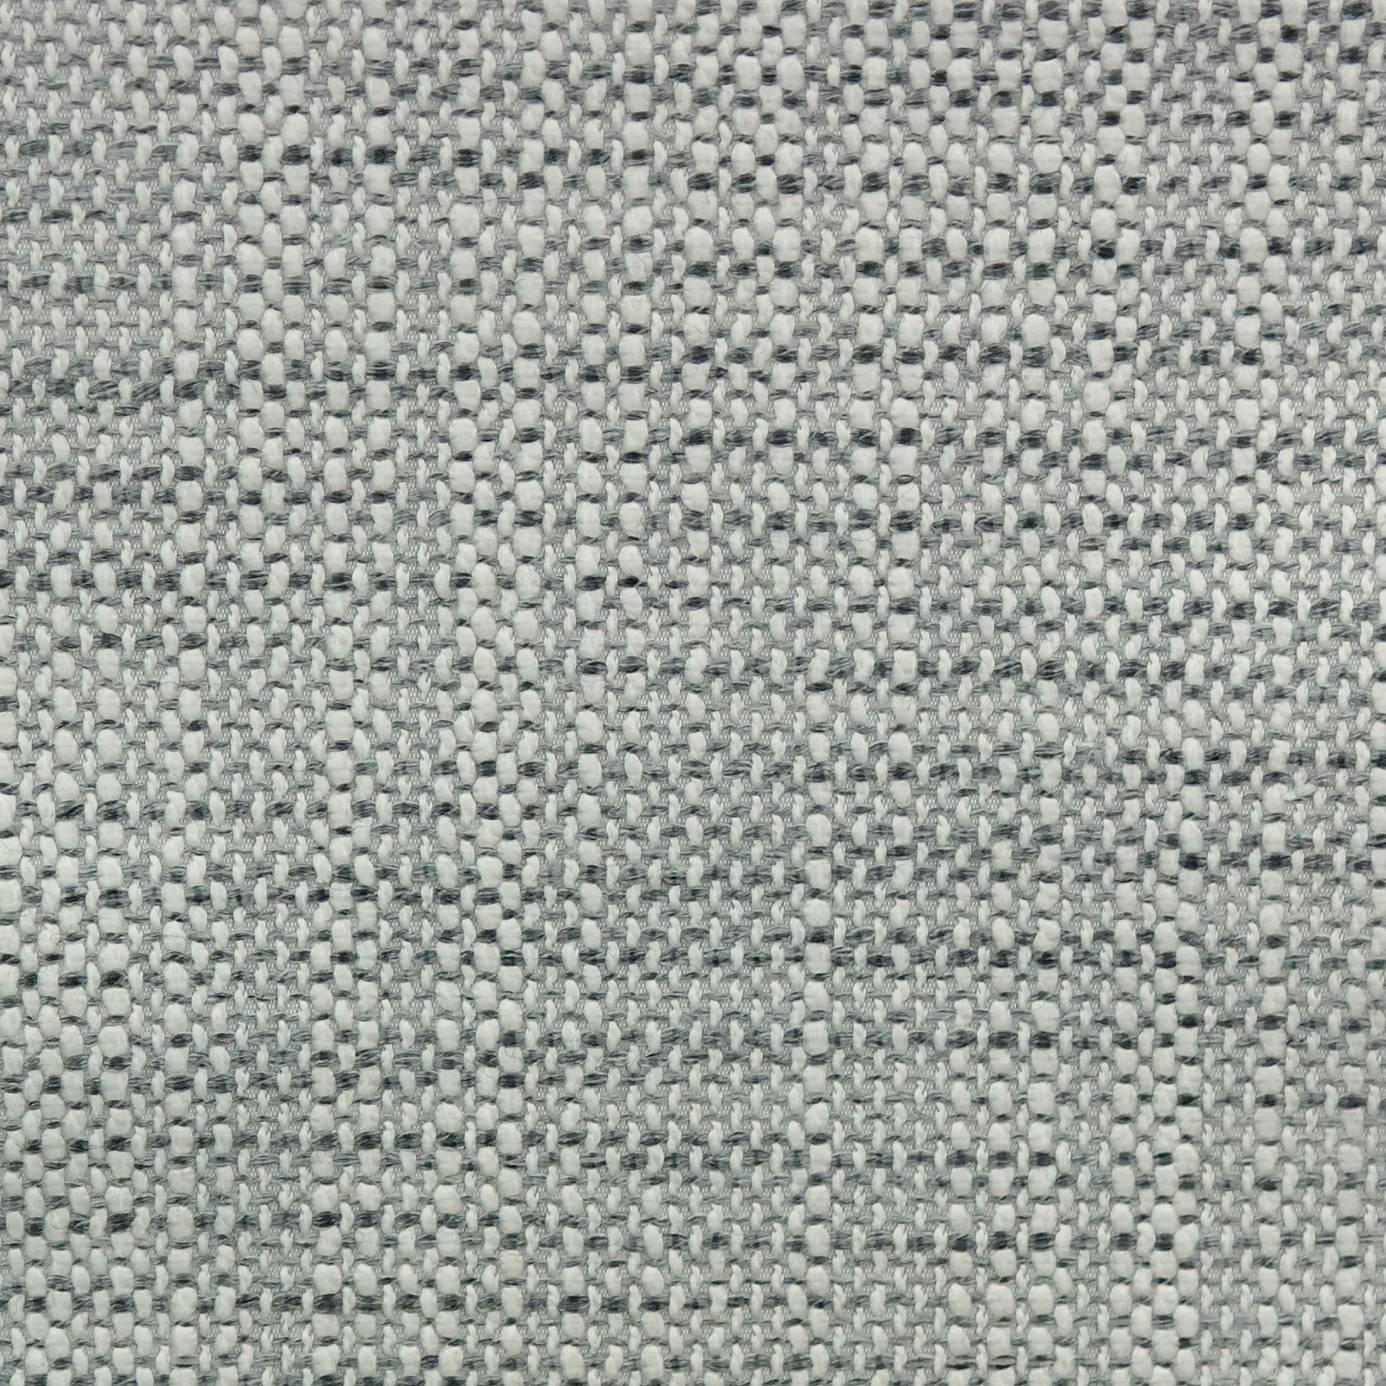 Iona Fabric Titanium F1989 07 Designers Guild Iona